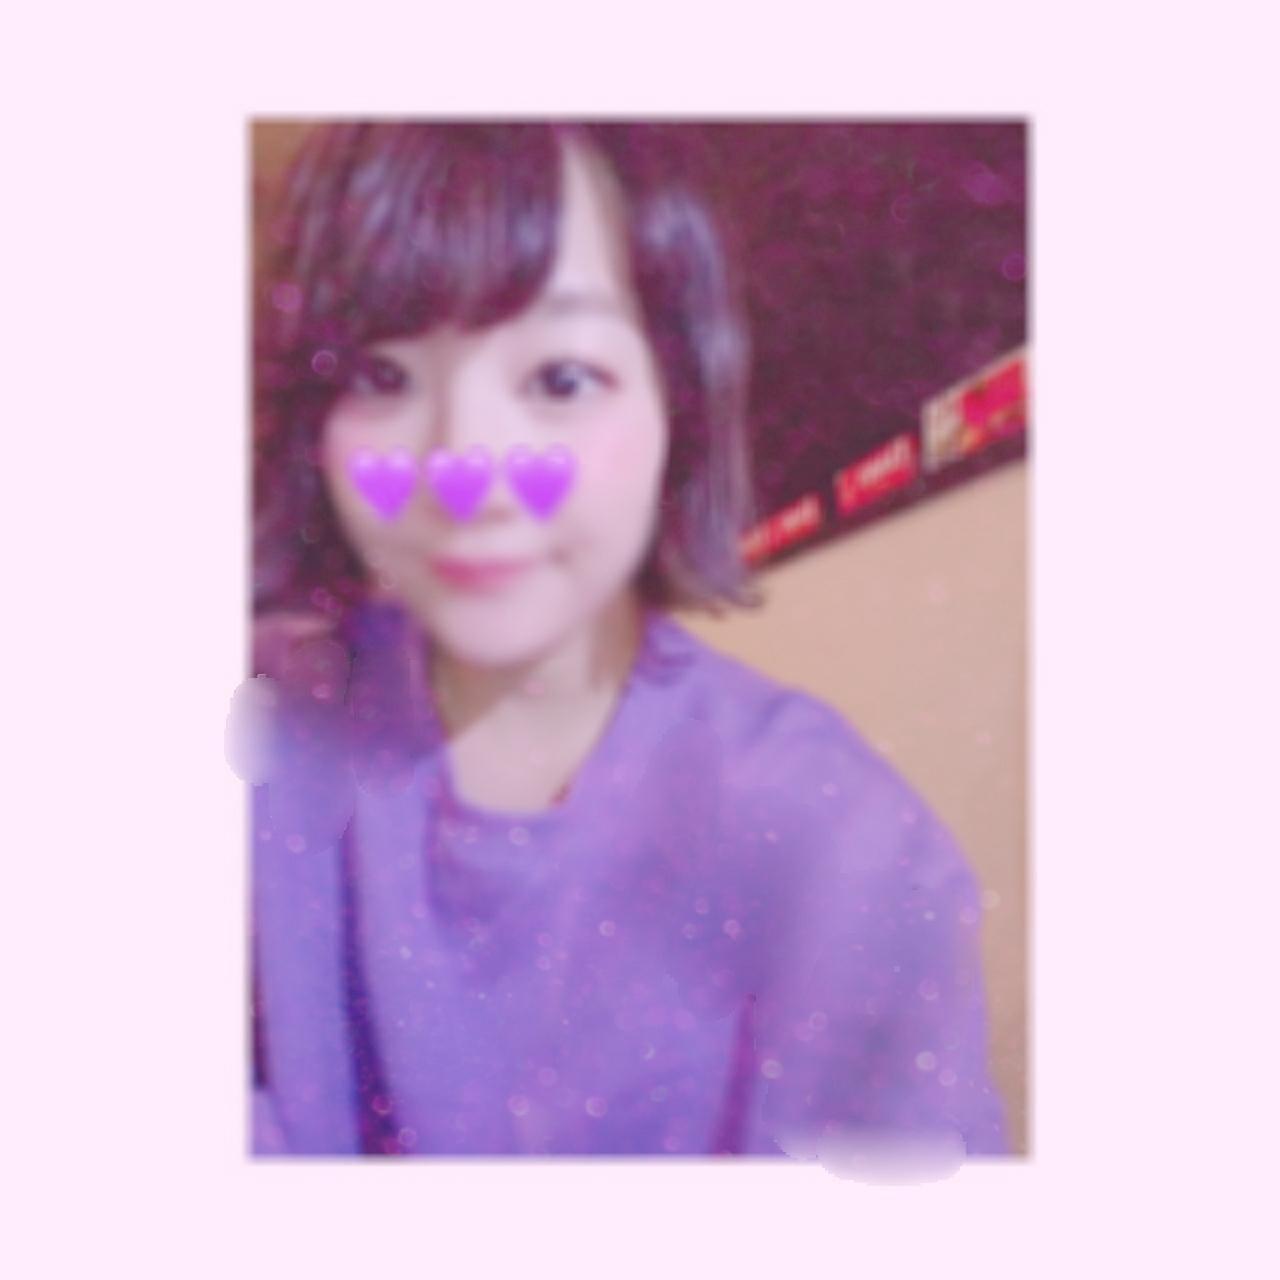 谷口 ゆりか「のばしましたー!」12/16(土) 19:17   谷口 ゆりかの写メ・風俗動画